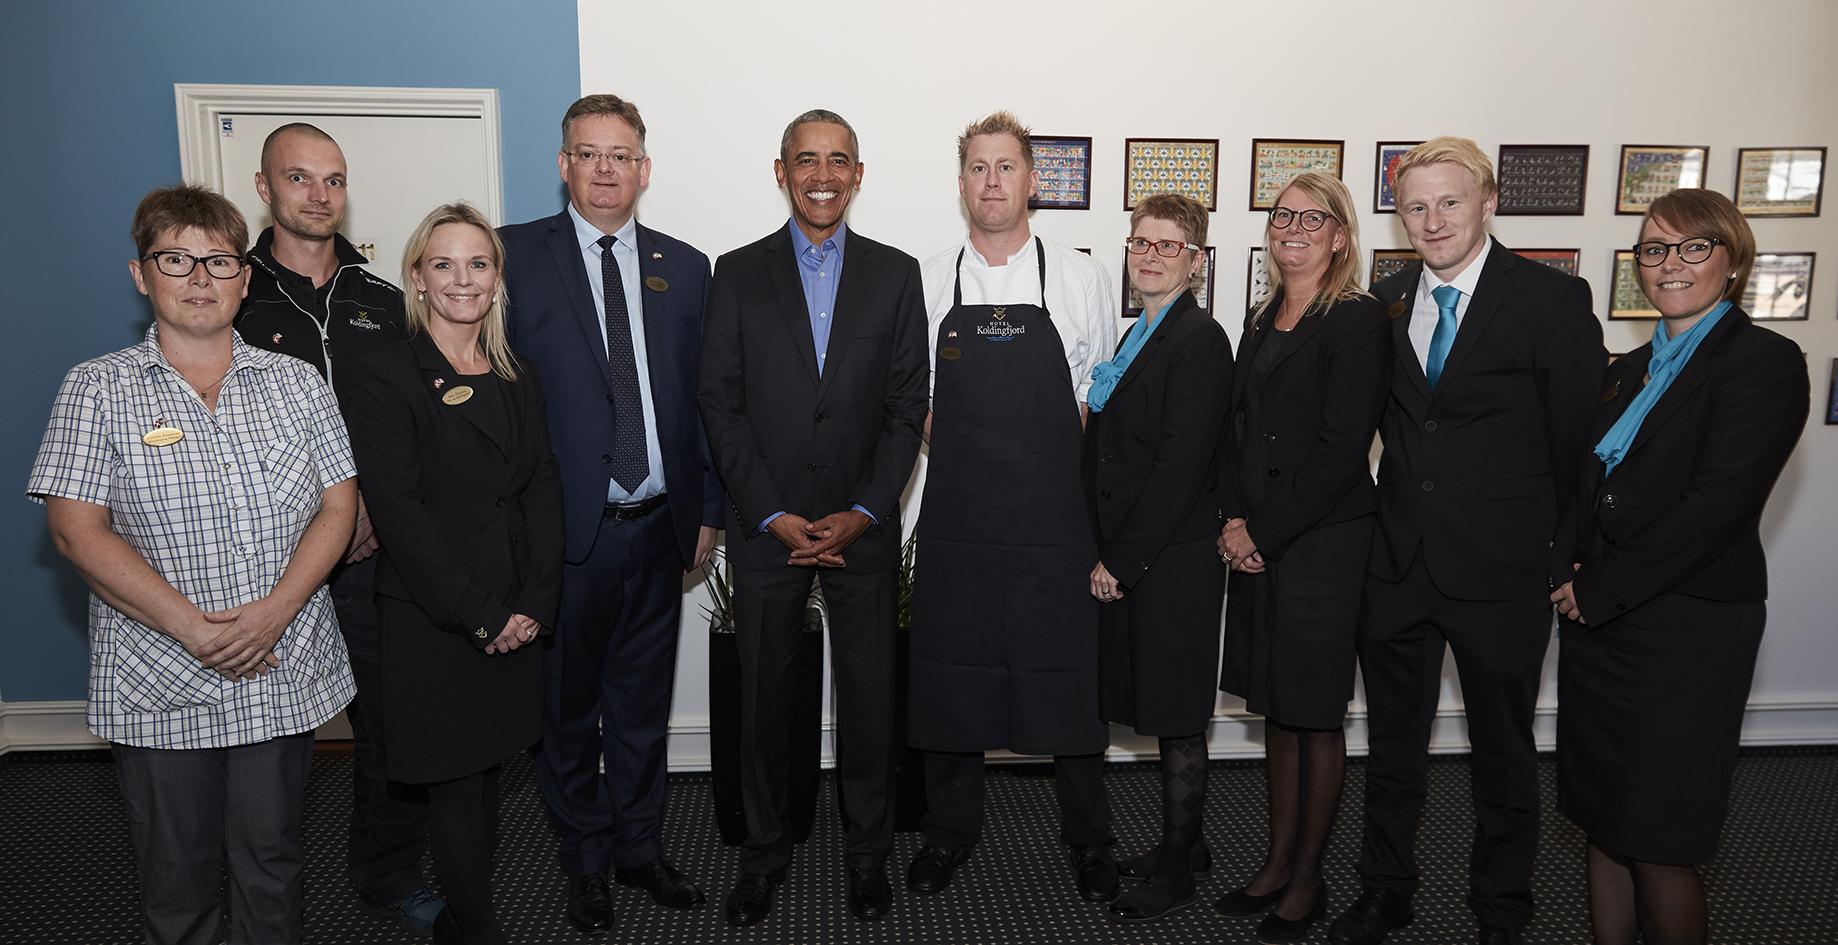 Barack Obama med lederteamet på Hotel Koldingfjord – hotellets direktør, Peder J. Madsen, er nummer fire fra venstre. Foto: Hotel Koldingfjord.